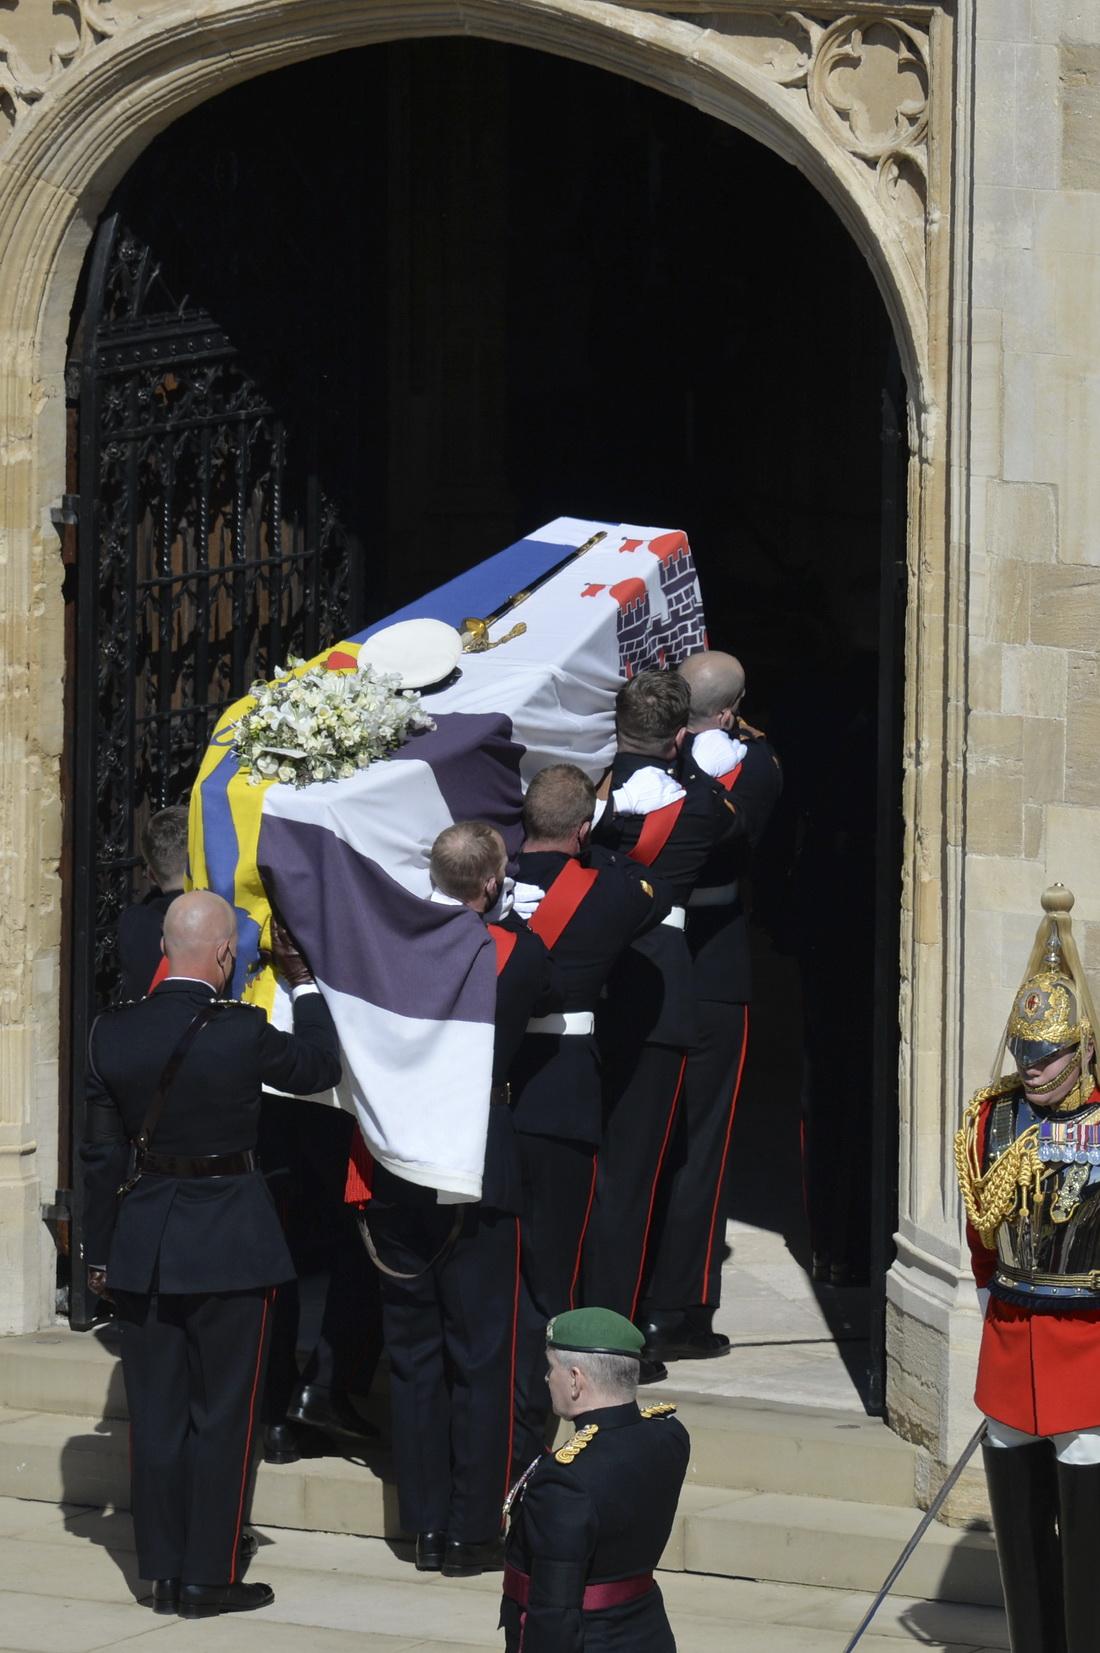 皇家海军陆战队扶柩者抬着棺材进入圣乔治教堂。